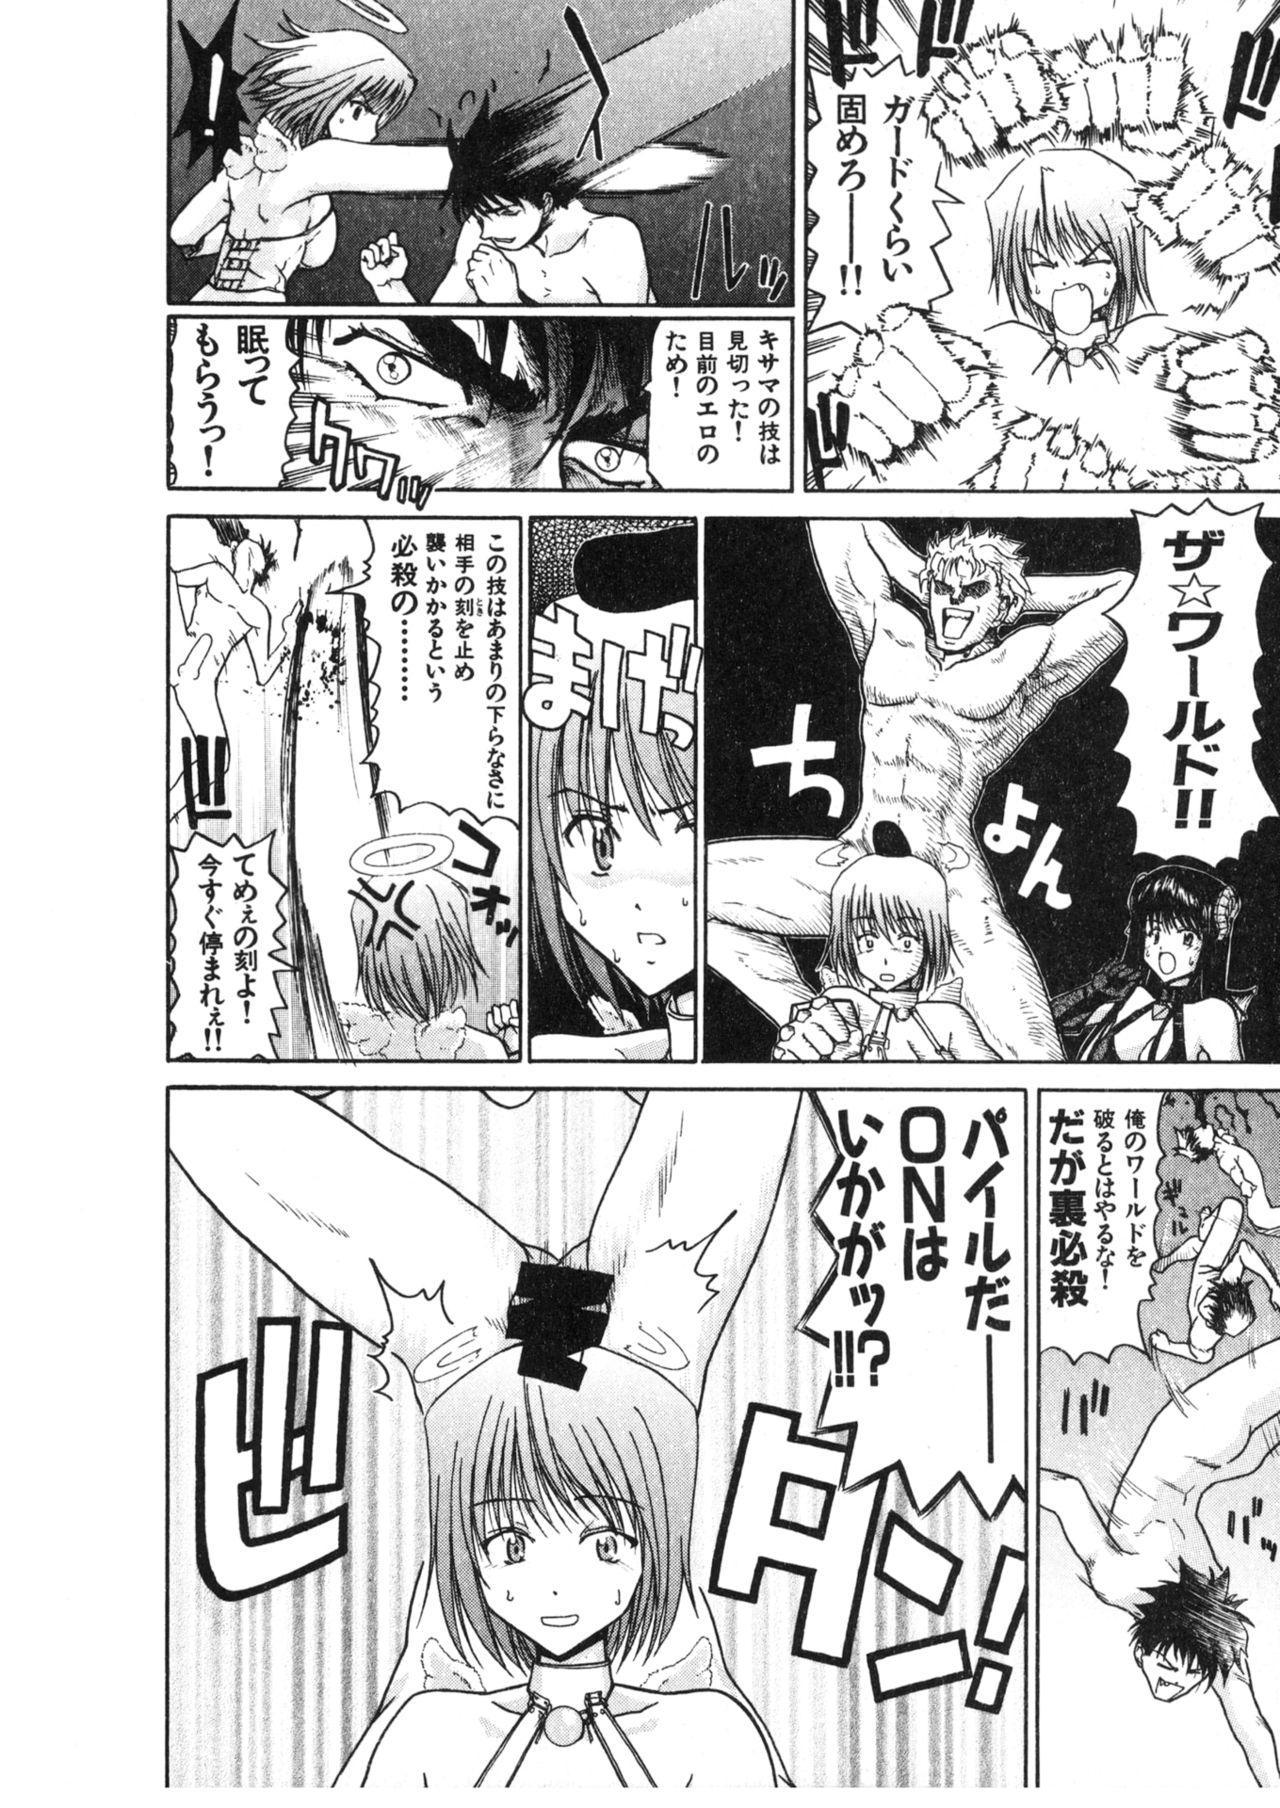 COMIC Kairakuten 25 Shuunen kinen tokubetsugou 98